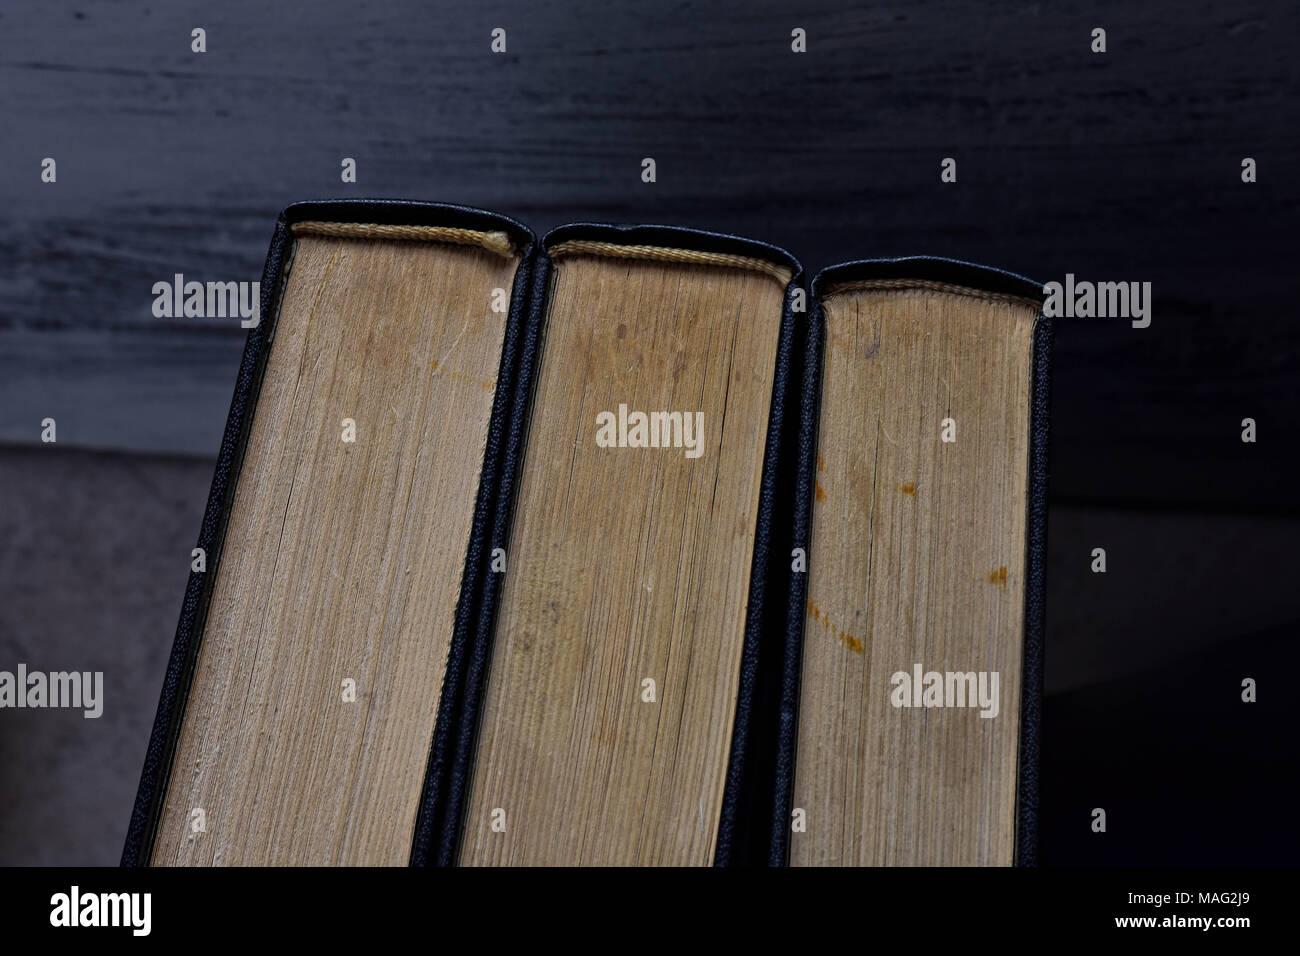 Pila di vecchi libri polverosi visto dall'alto/ immagine concettuale dell'istruzione Immagini Stock